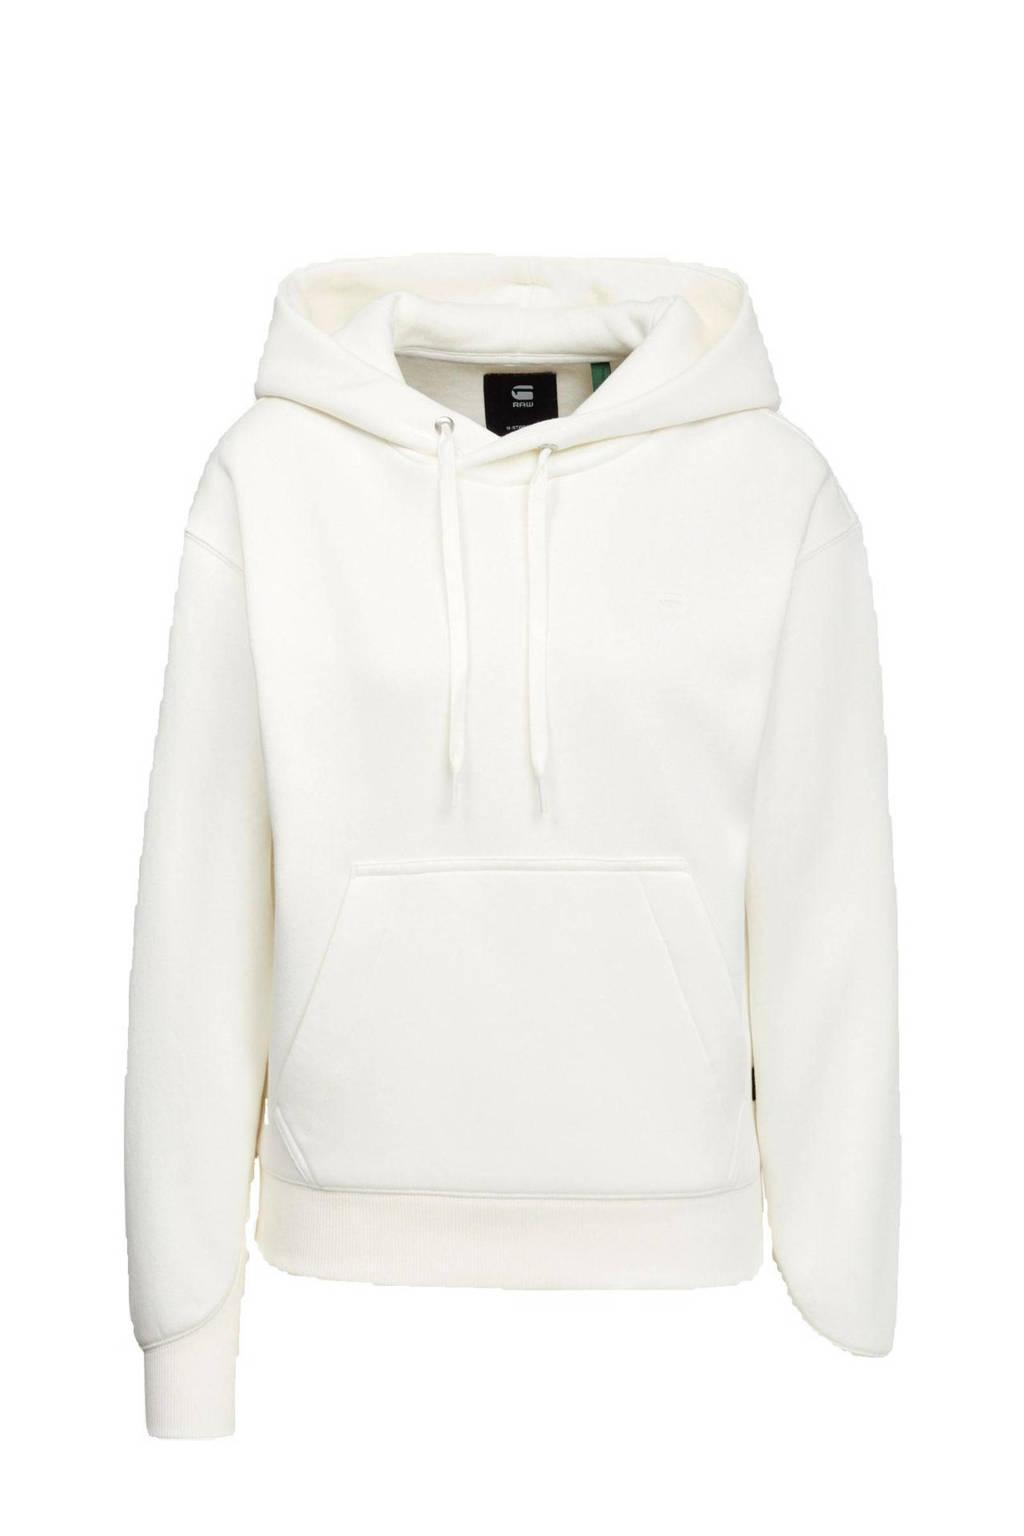 G-Star RAW hoodie Premium core milk, Milk